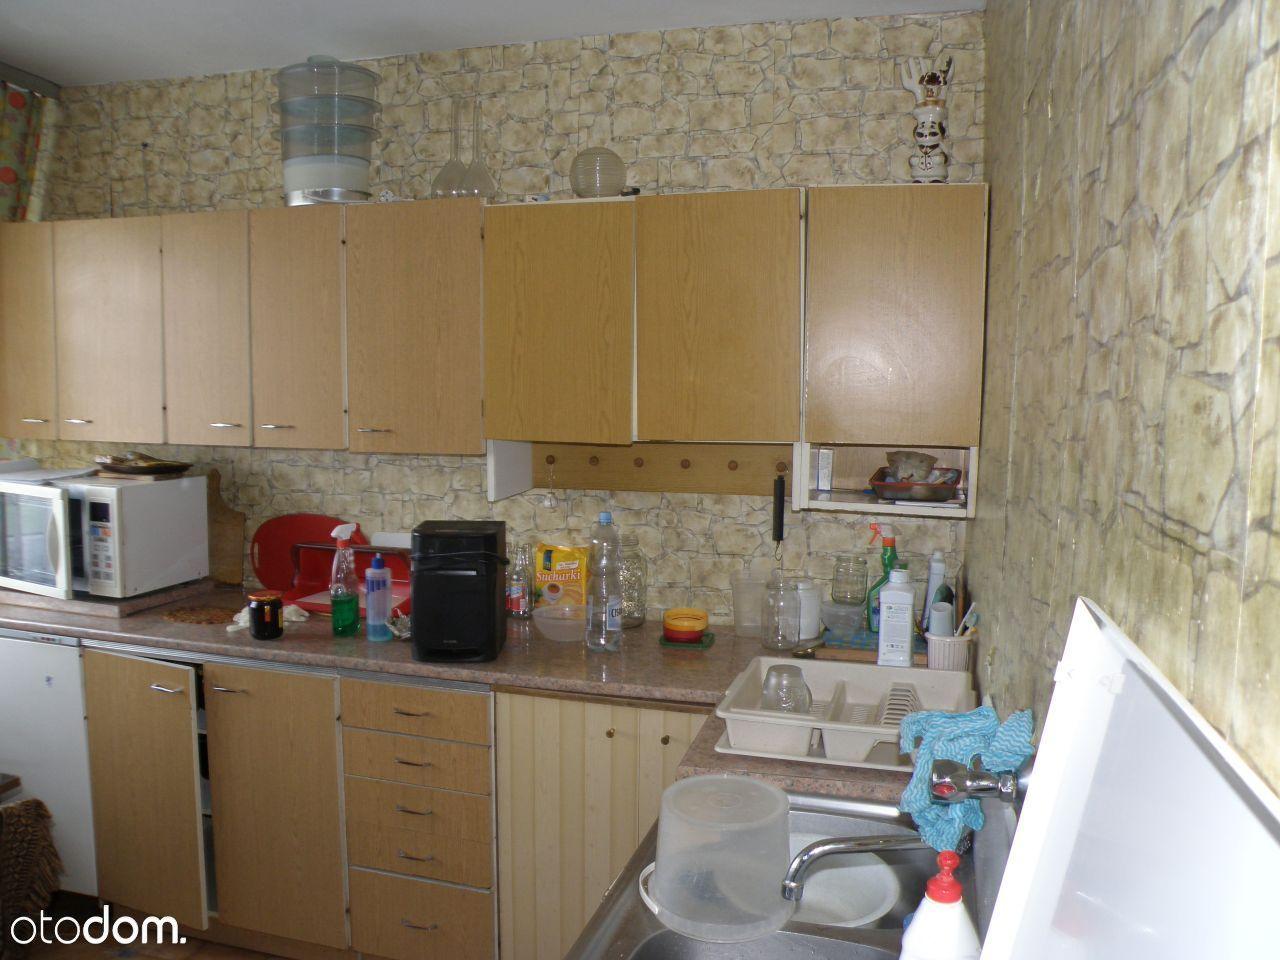 Mieszkanie na sprzedaż, Mołtajny, kętrzyński, warmińsko-mazurskie - Foto 5